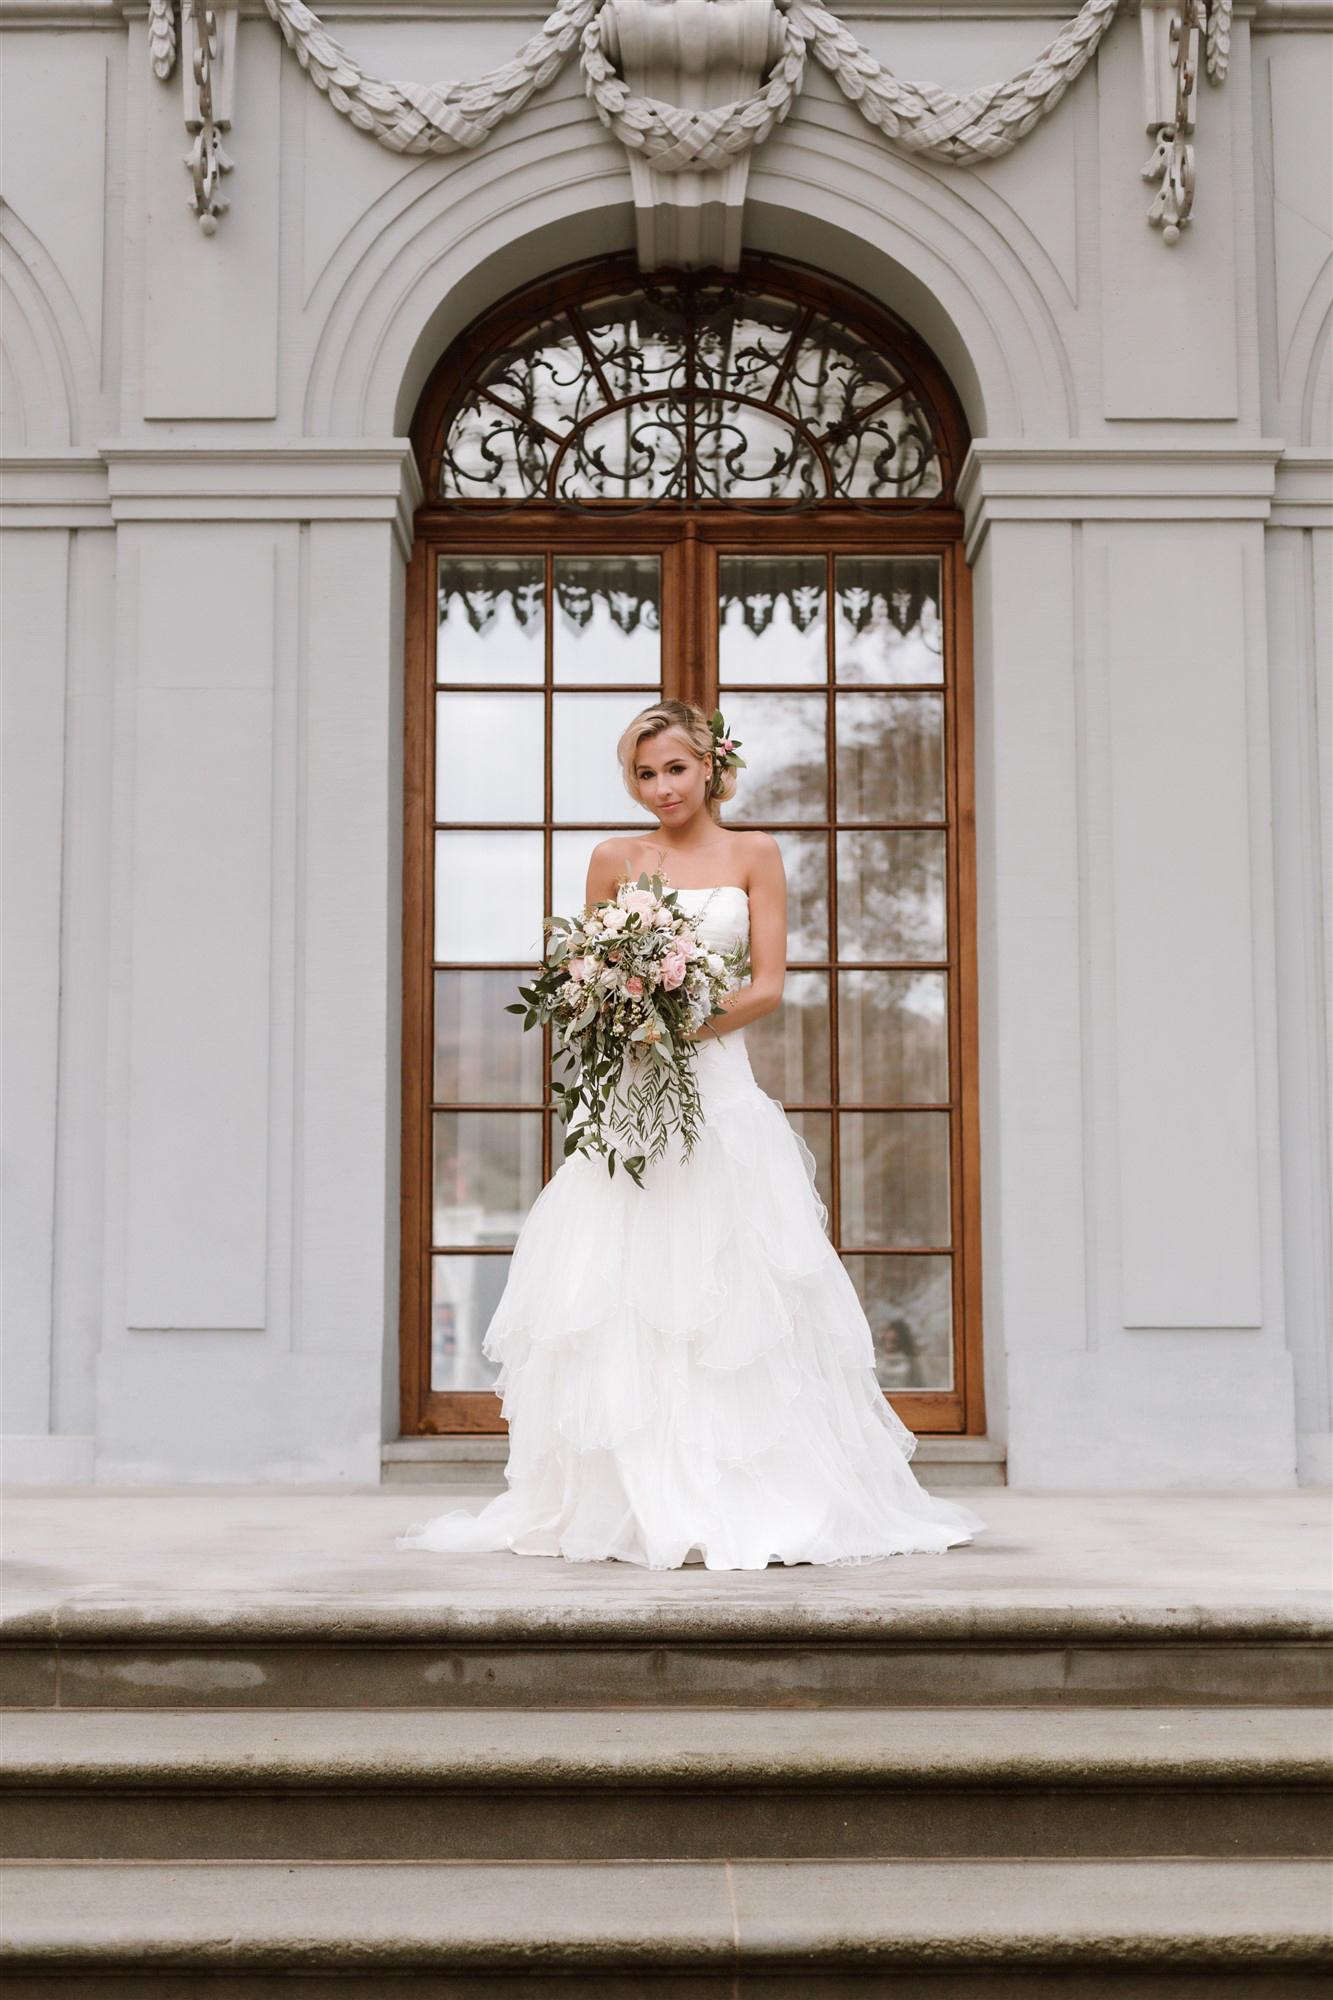 Die schöne Braut vor dem Schloss Ebenrain